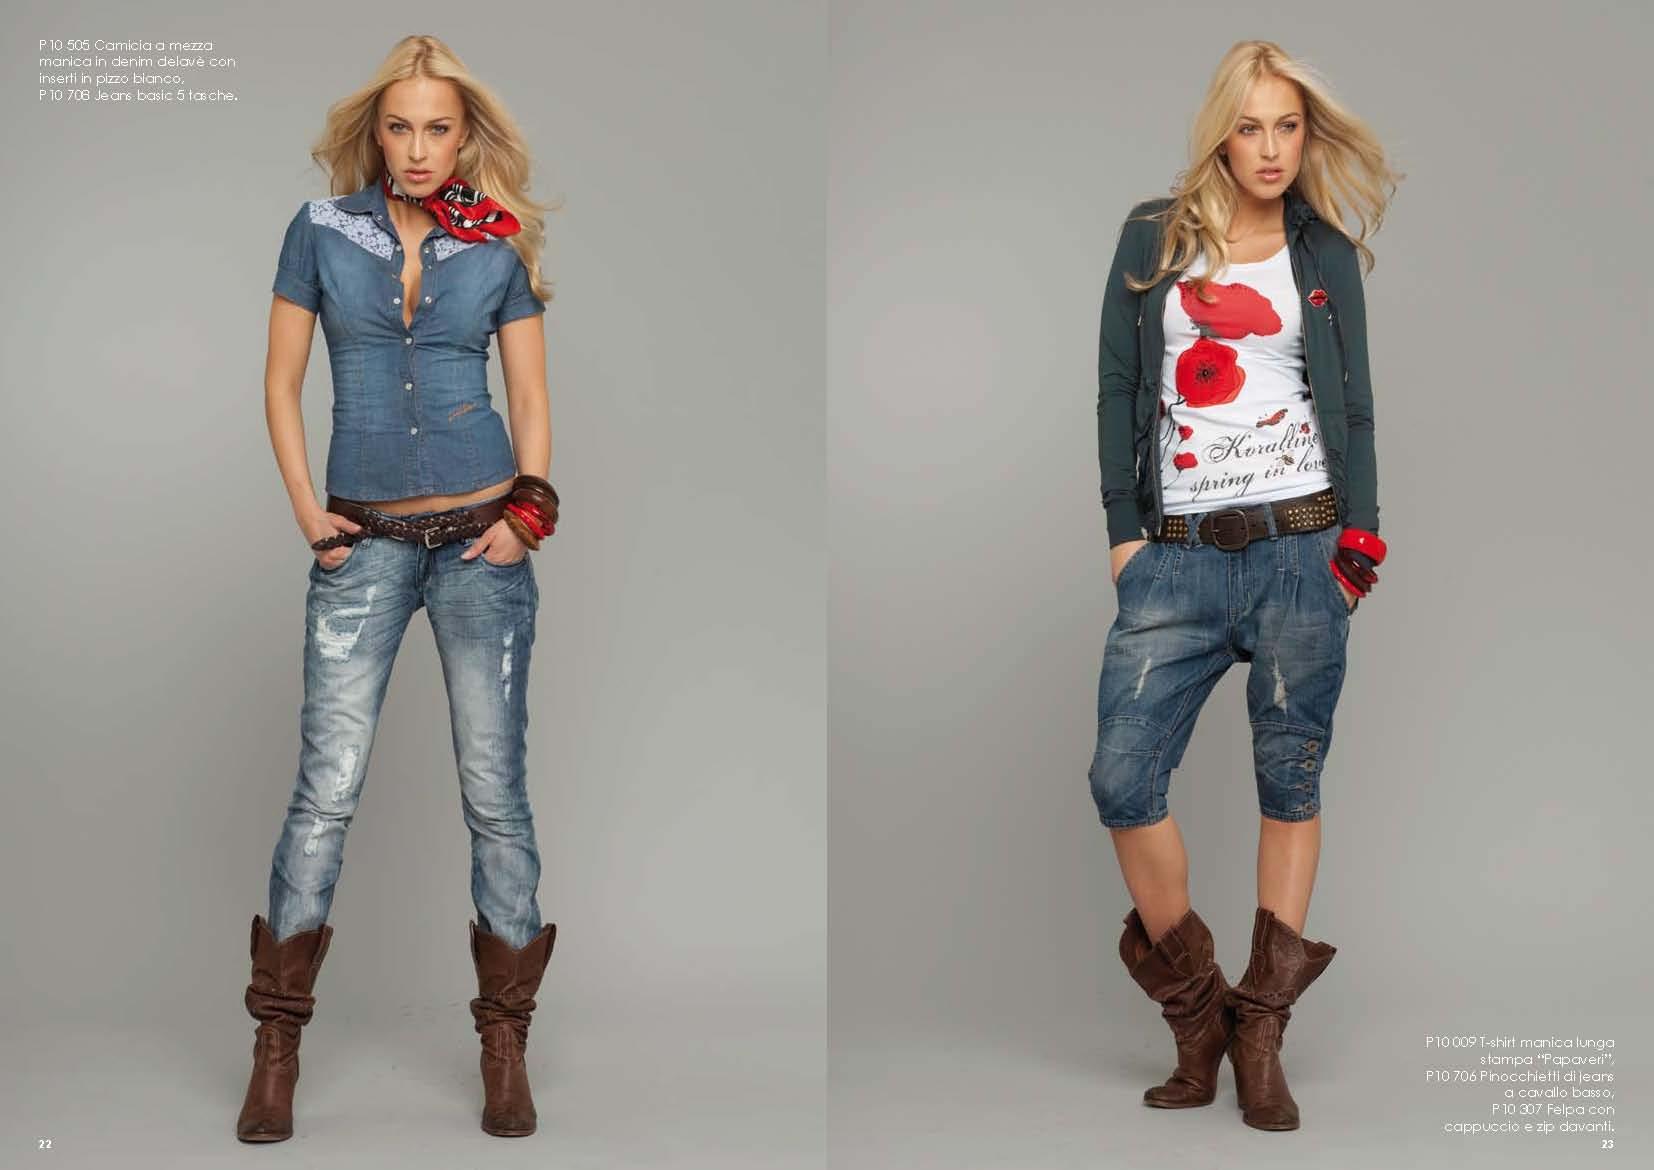 Сколько стоит брендовая одежда?